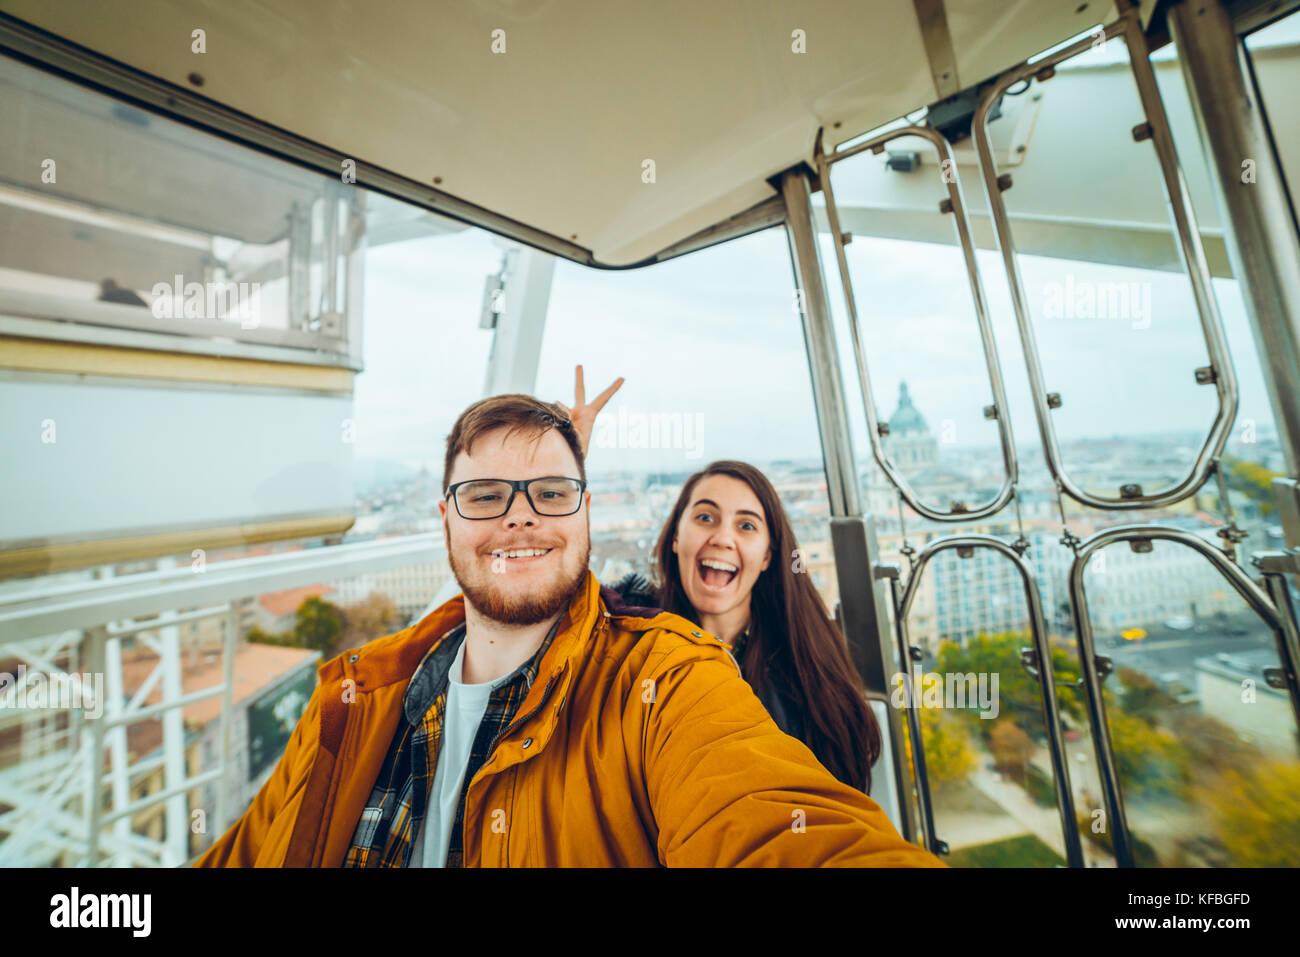 Homme avec femme à prendre une grande roue selfies Photo Stock